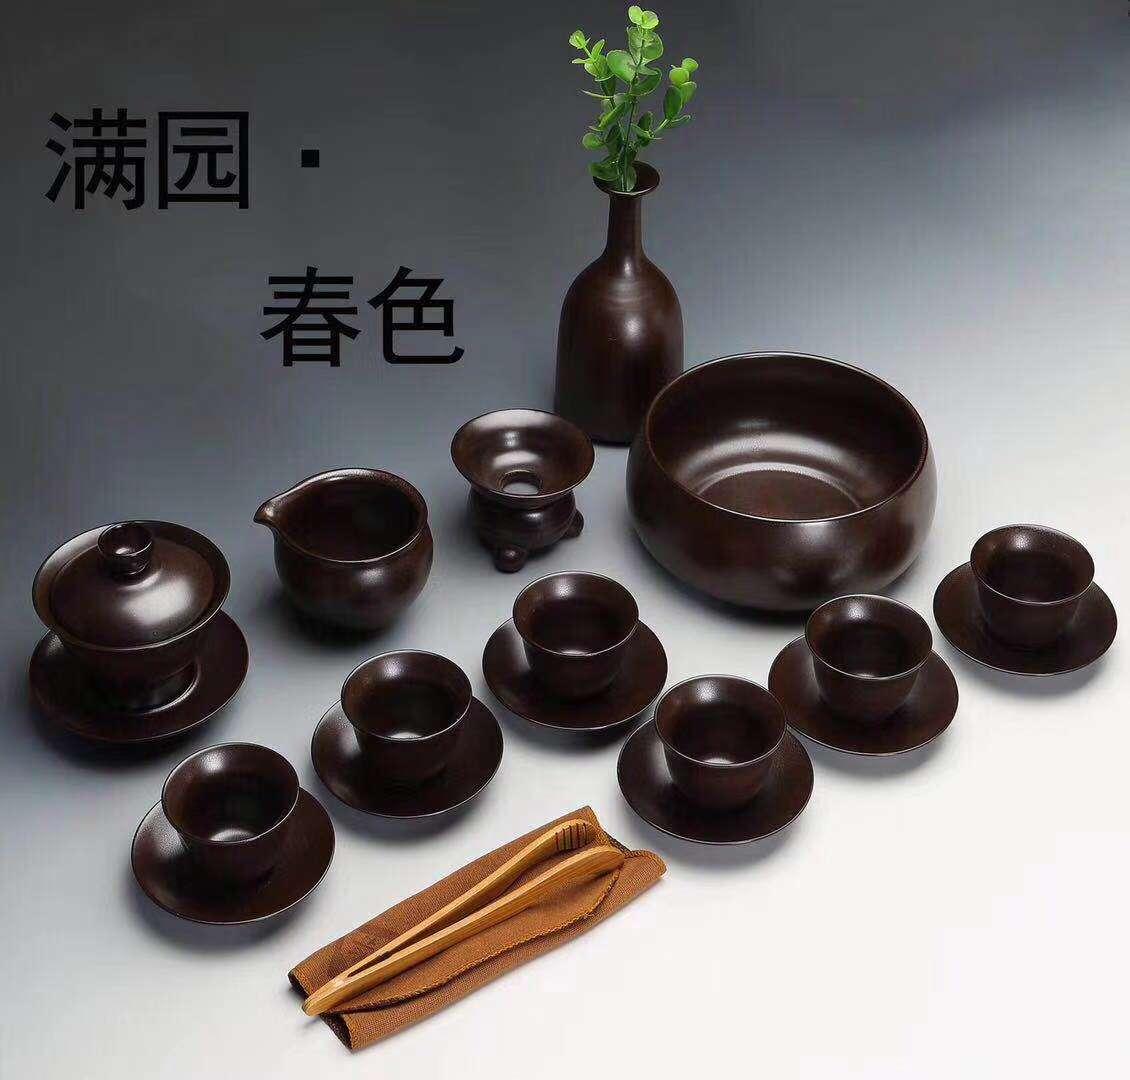 天目釉茶具大套装